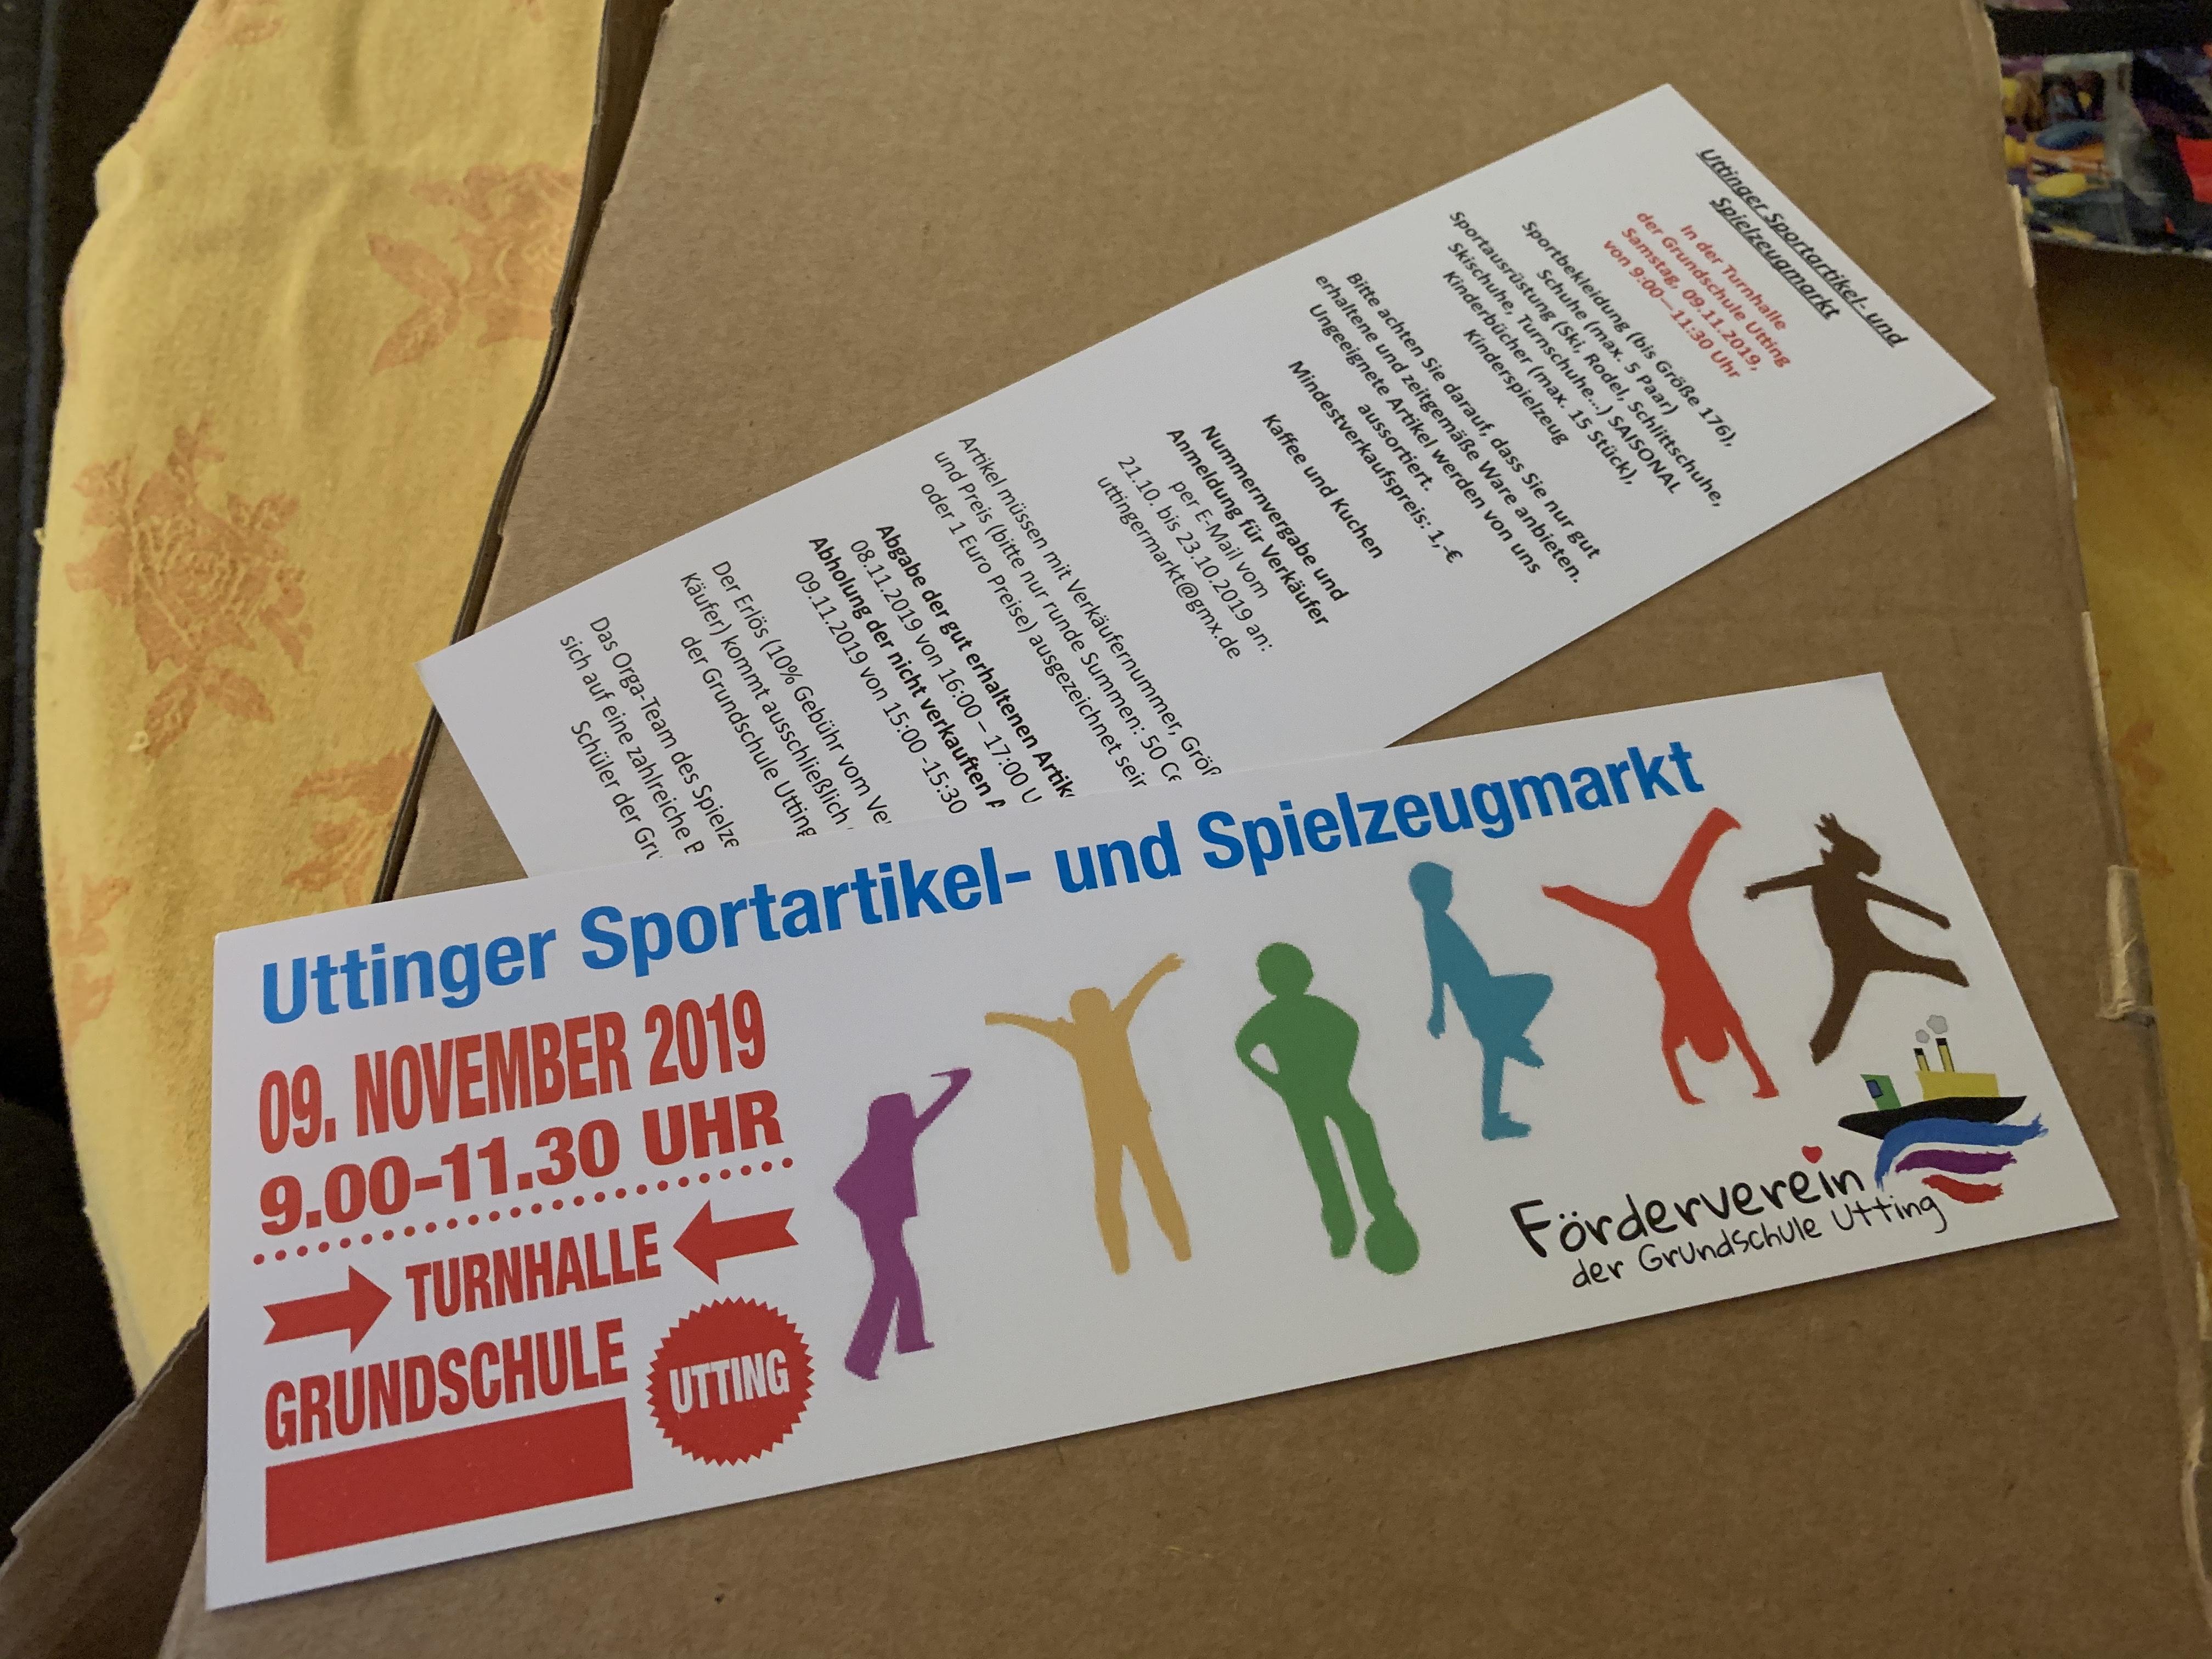 Uttinger Sportartikel-  und Spielzeugmarkt (Herbstmarkt)